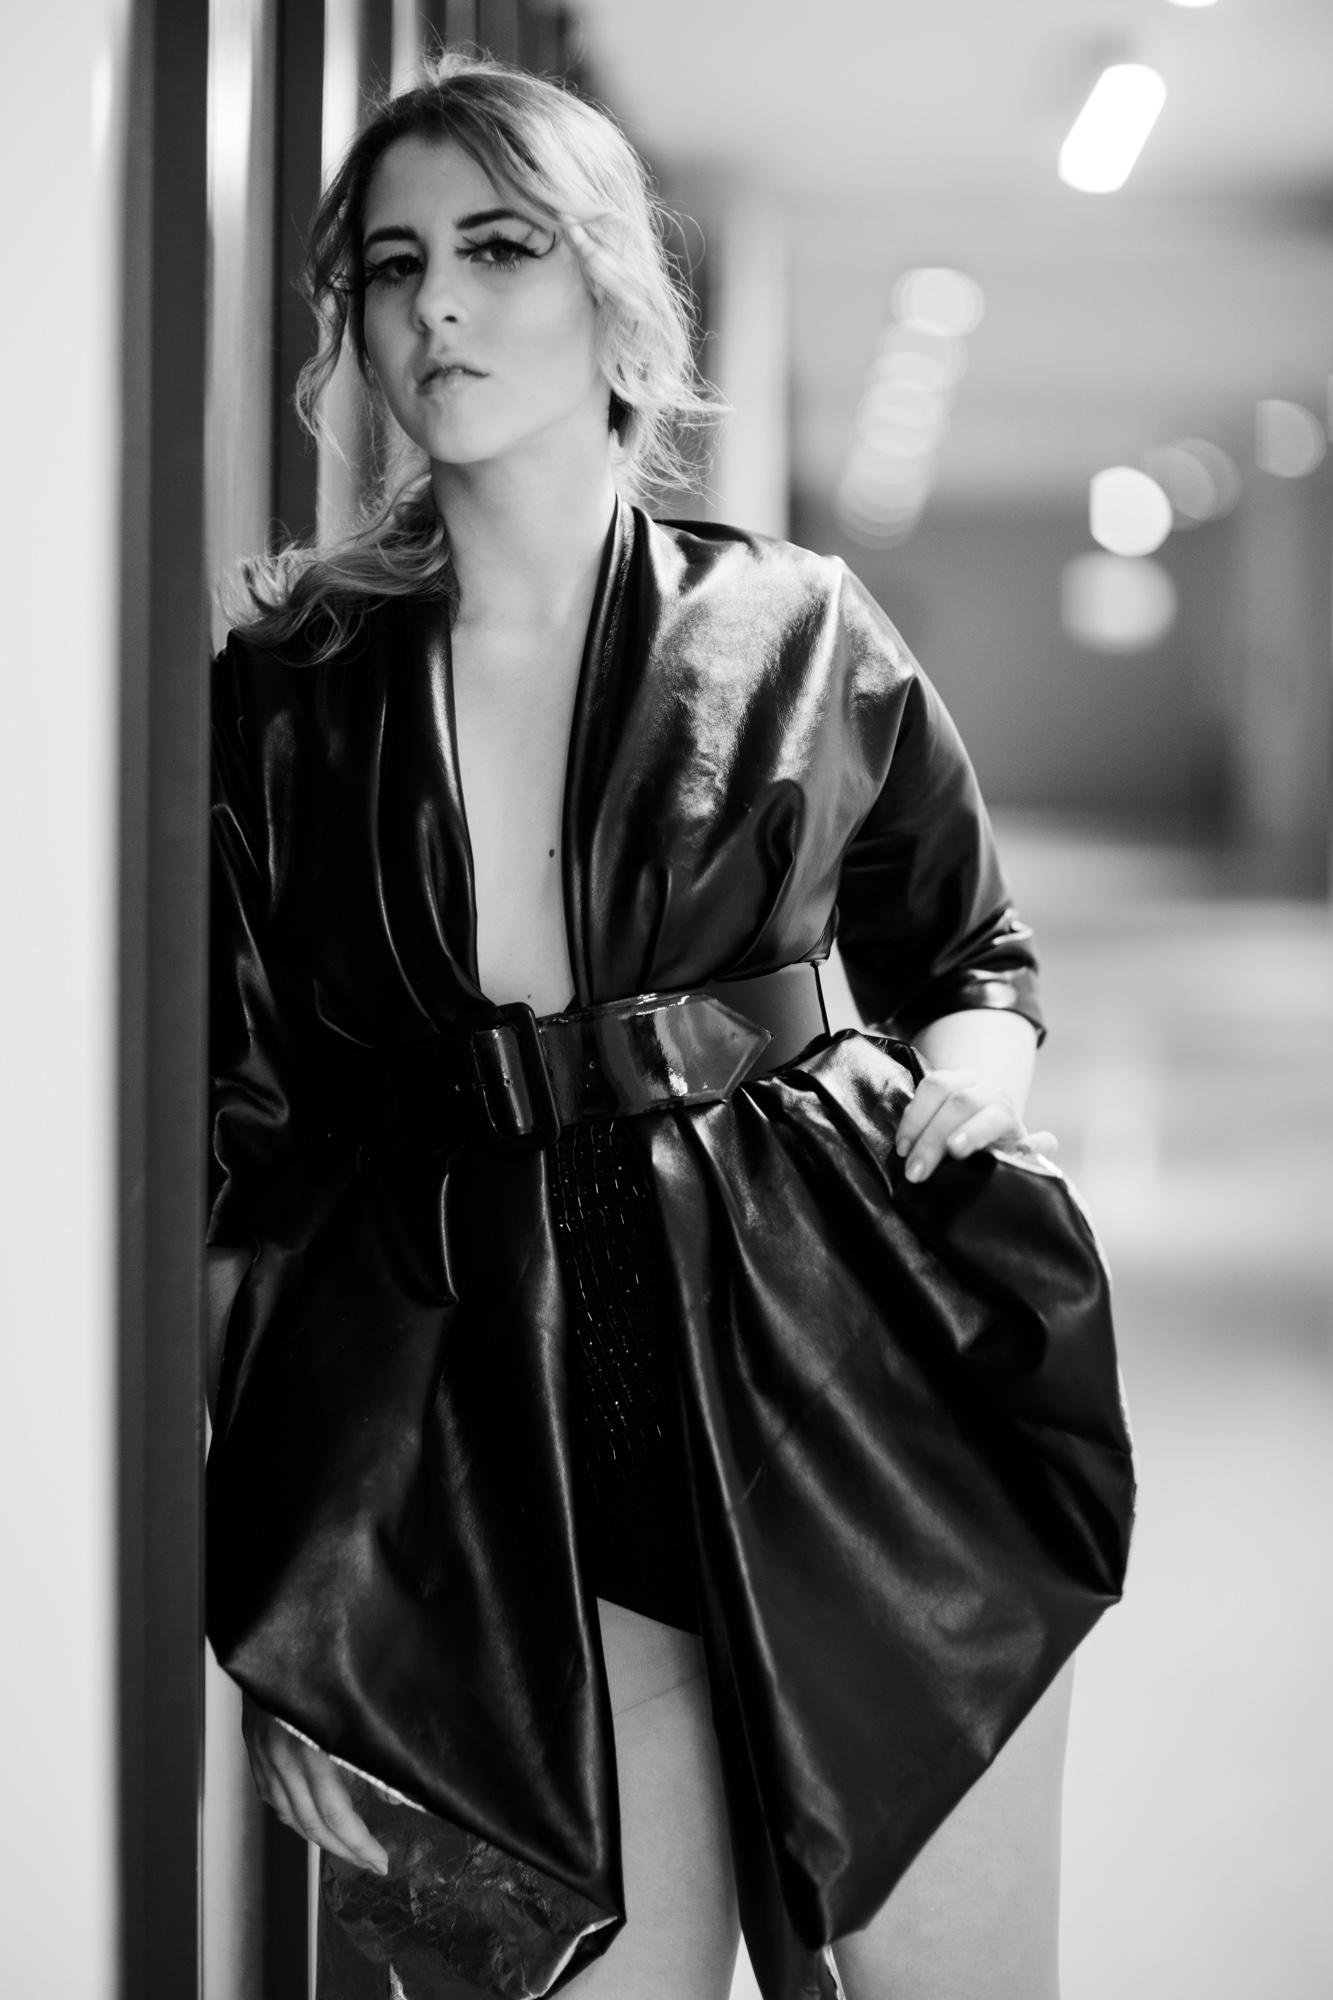 Caroline Hili Backstage_94B8495-74.jpg